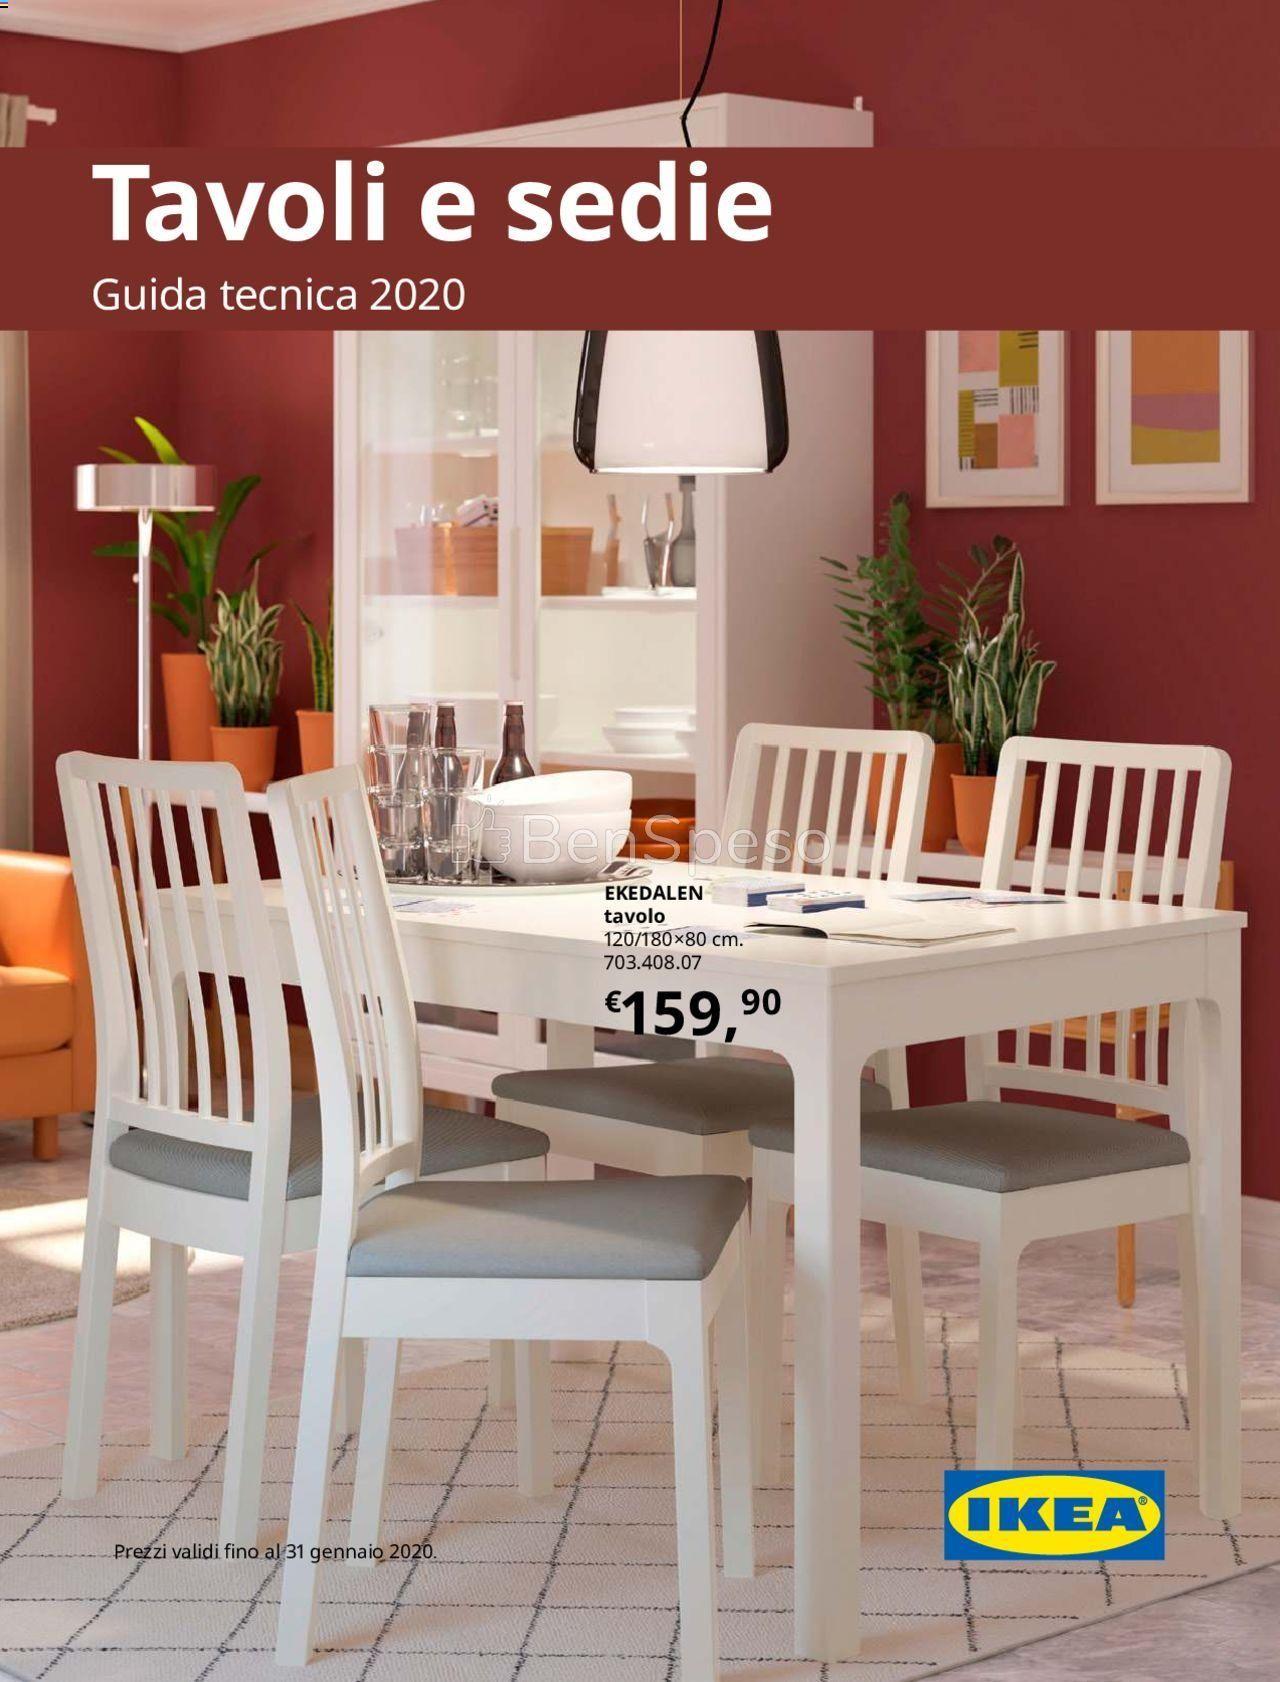 Ikea Tavoli e Sedie - catalogo dal 27 Novembre 2019 | Ikea ...